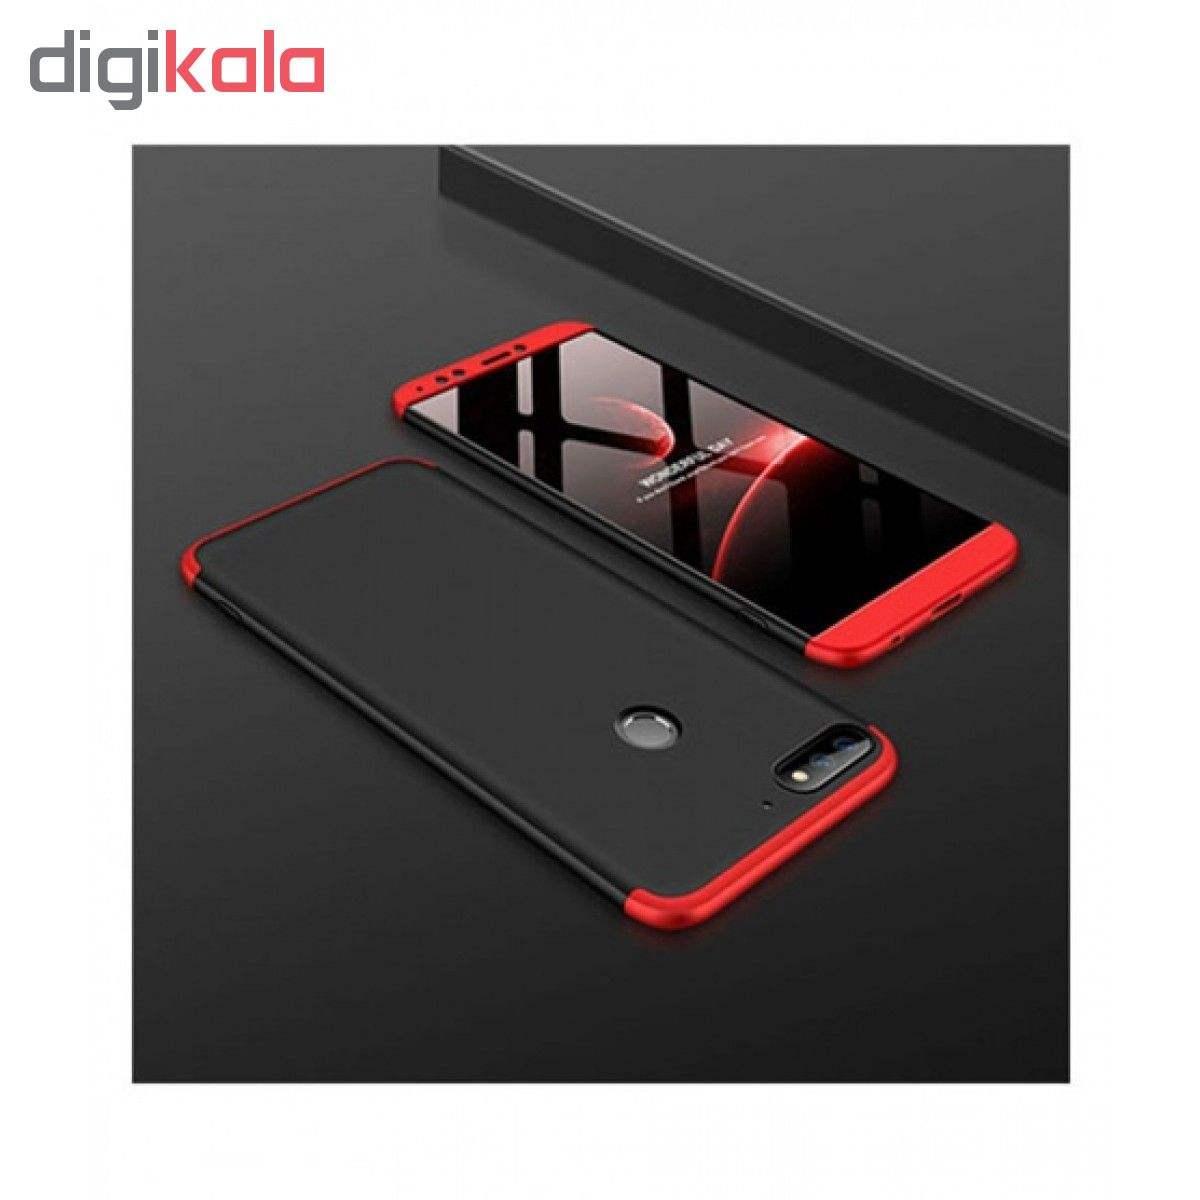 کاور 360 درجه جی کی کی مدل G-02 مناسب برای گوشی موبایل هوآوی Y7 Prime 2018 main 1 3